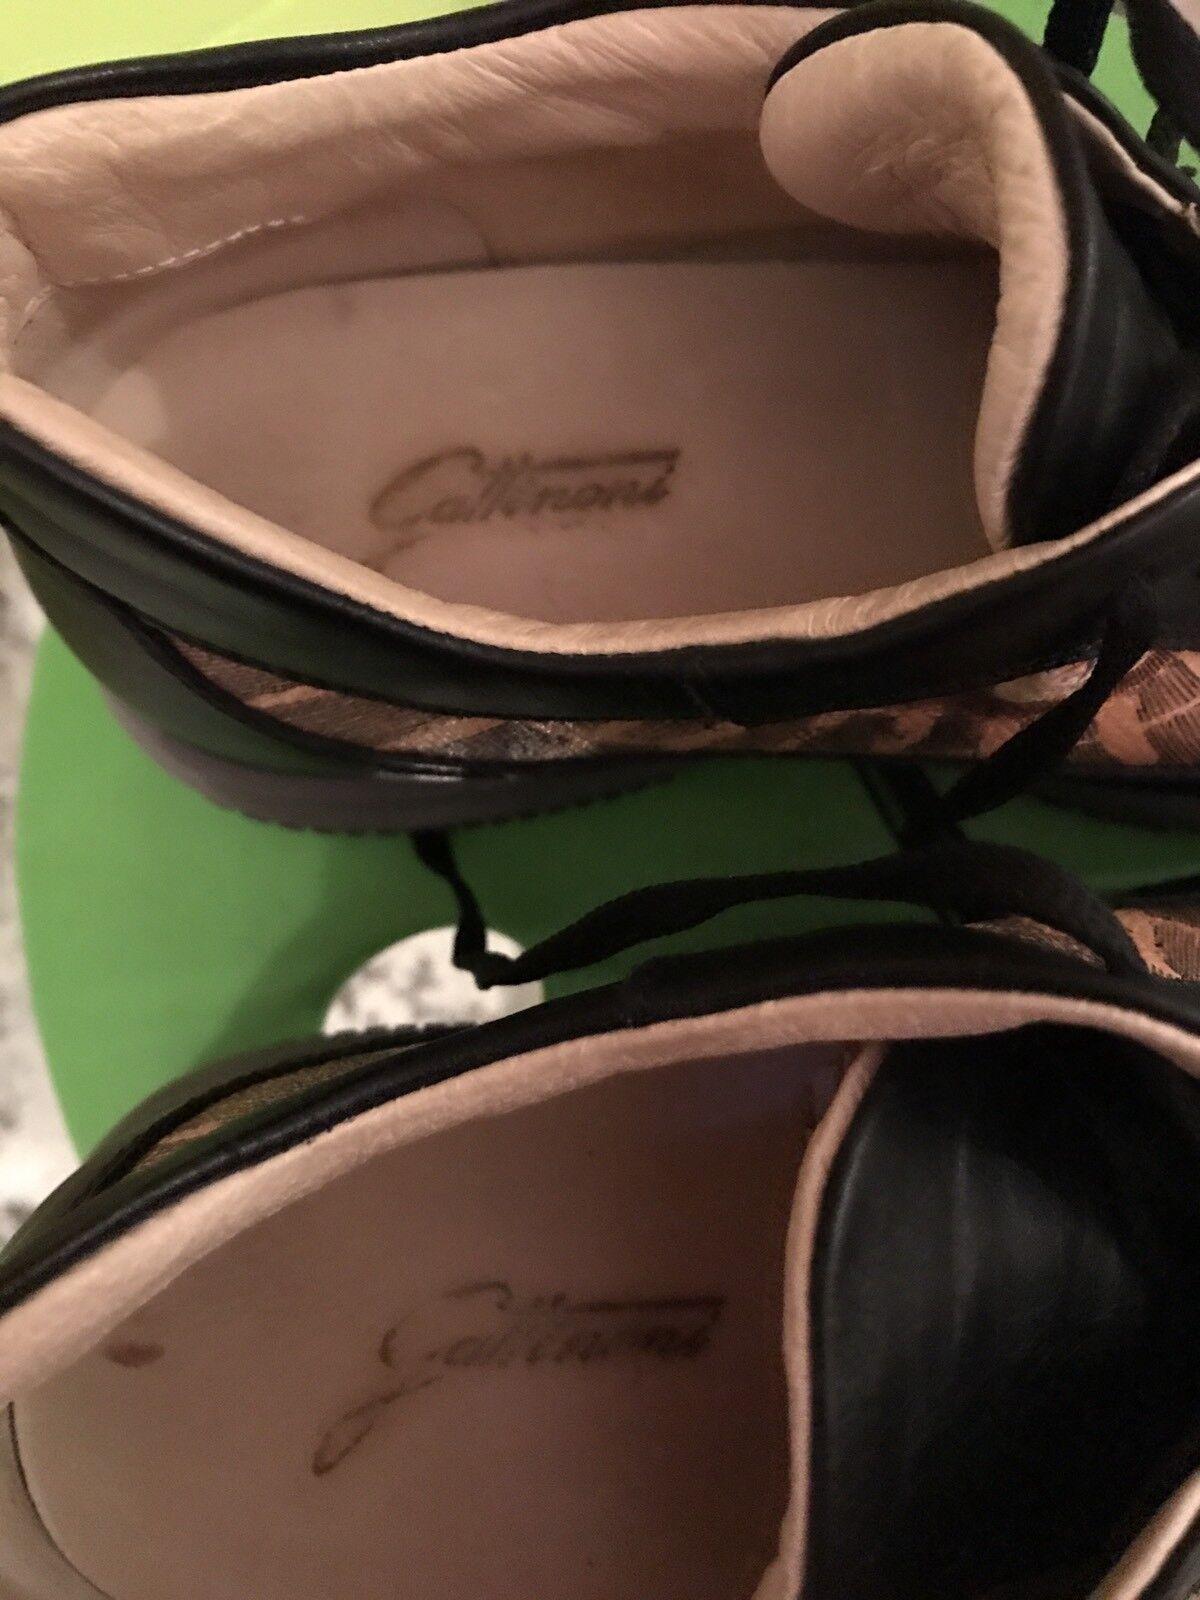 Gattinoni Scarpe Sneakers Affare Donna Pelle Come Nuove Affare Sneakers Introvabili Ragazza 684c16